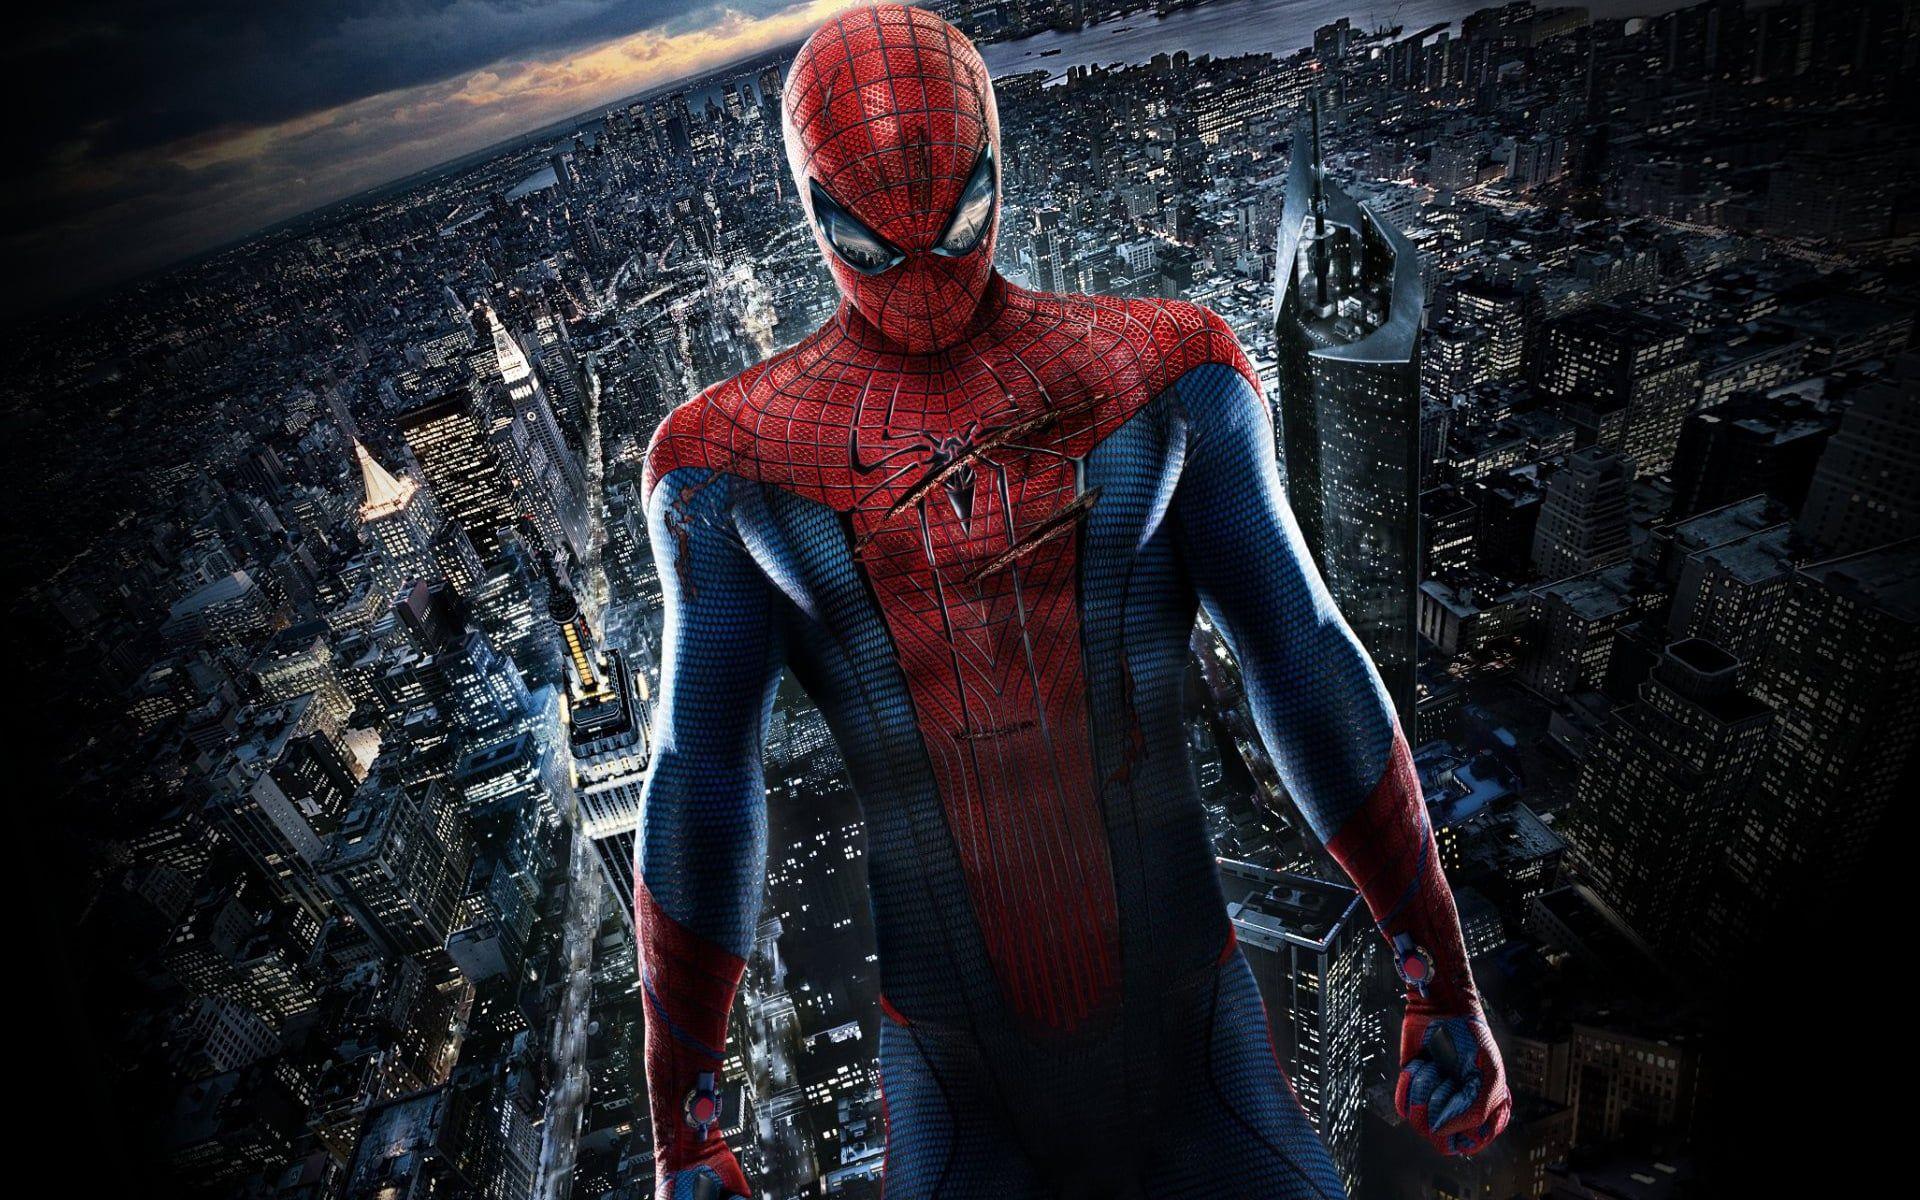 The Amazing Spider Man 2012 Ganzer Film Deutsch Komplett Kino Peter Parker Ist Ein Aussenseiter Der Als Kleiner Junge Von Seinen Eltern Gwen Stacy Forlatt Film